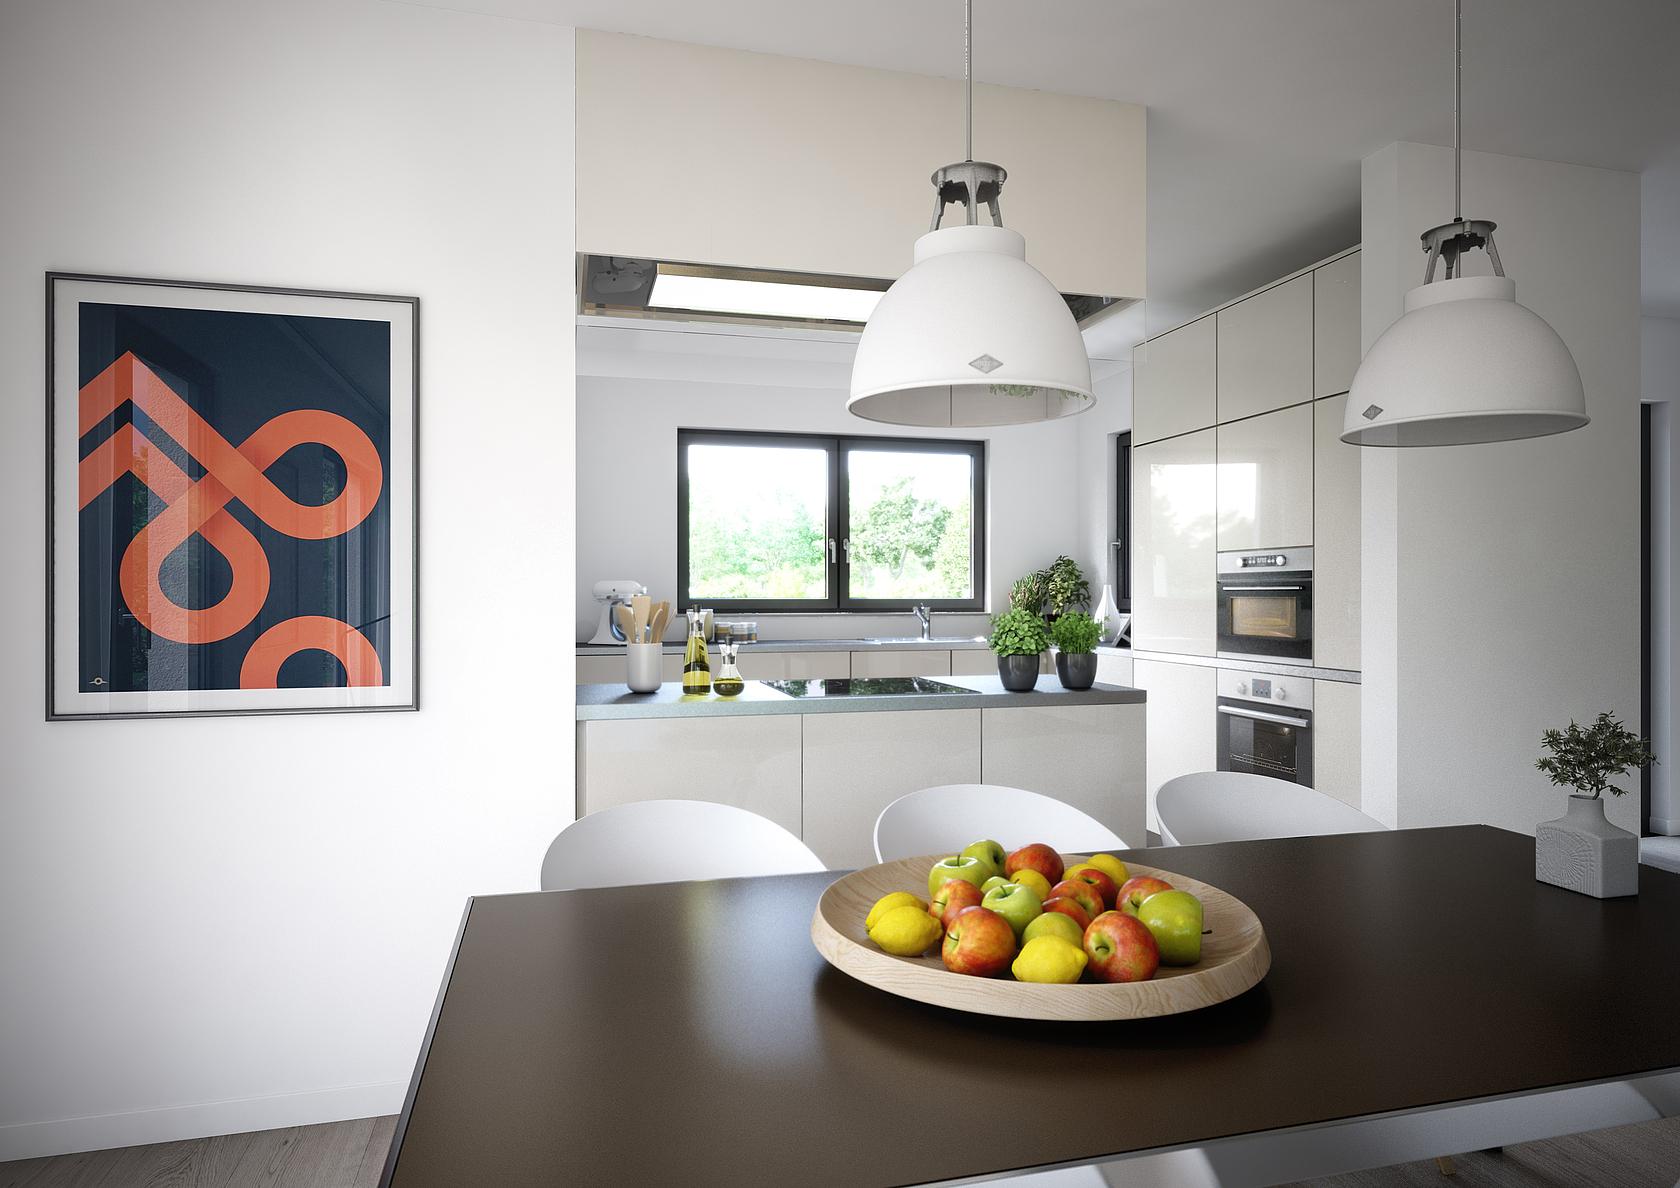 futura bauhaus von kern haus traumhauspreis 2015. Black Bedroom Furniture Sets. Home Design Ideas